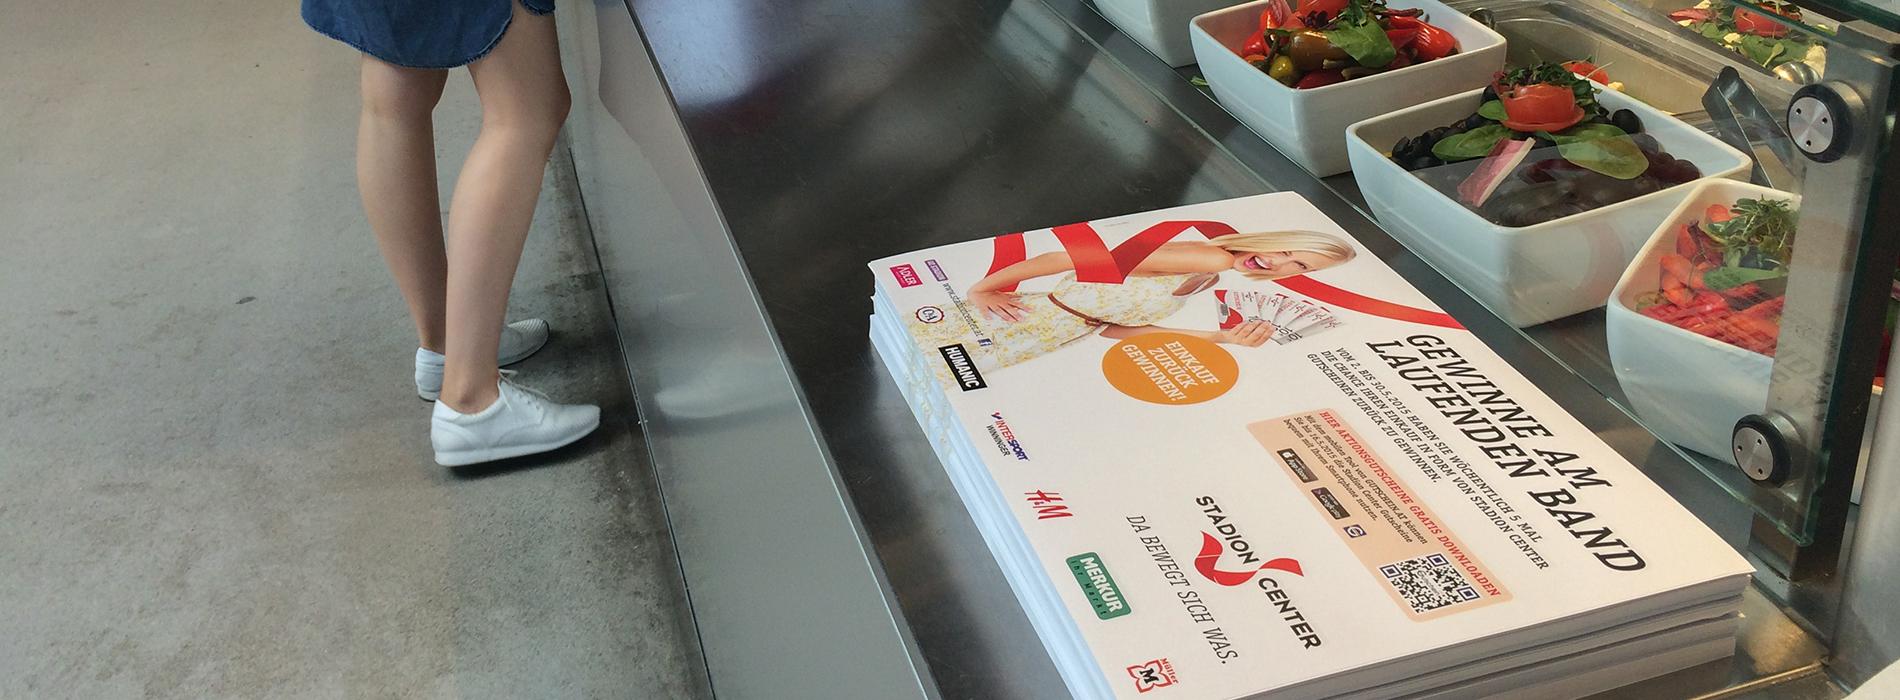 UniDirekt - Tablettaufleger, Flyer & Tischdisplays